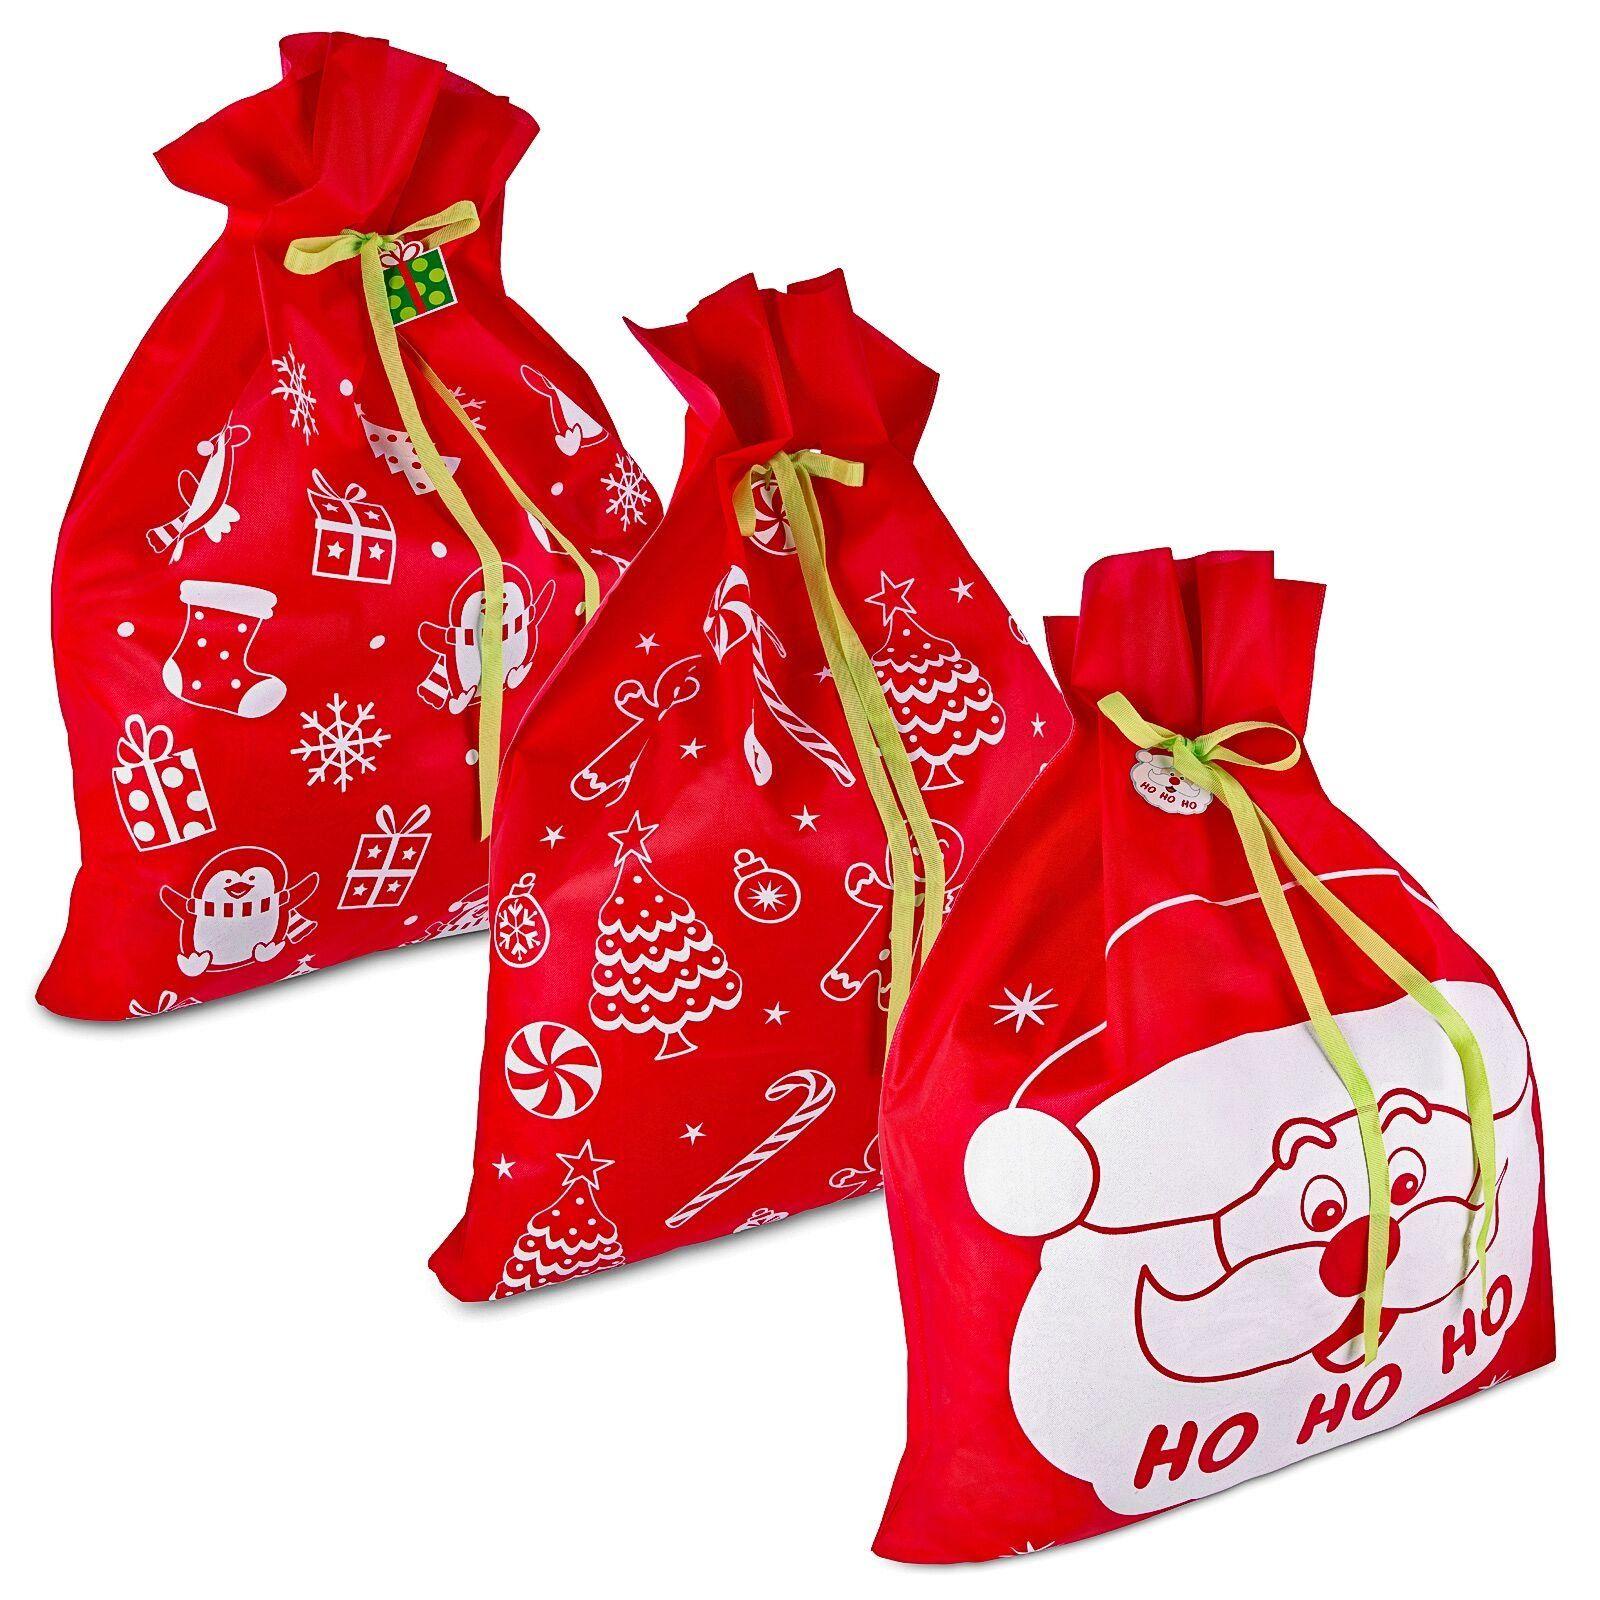 3 giant christmas gift bags 36 x 44 reusable made of